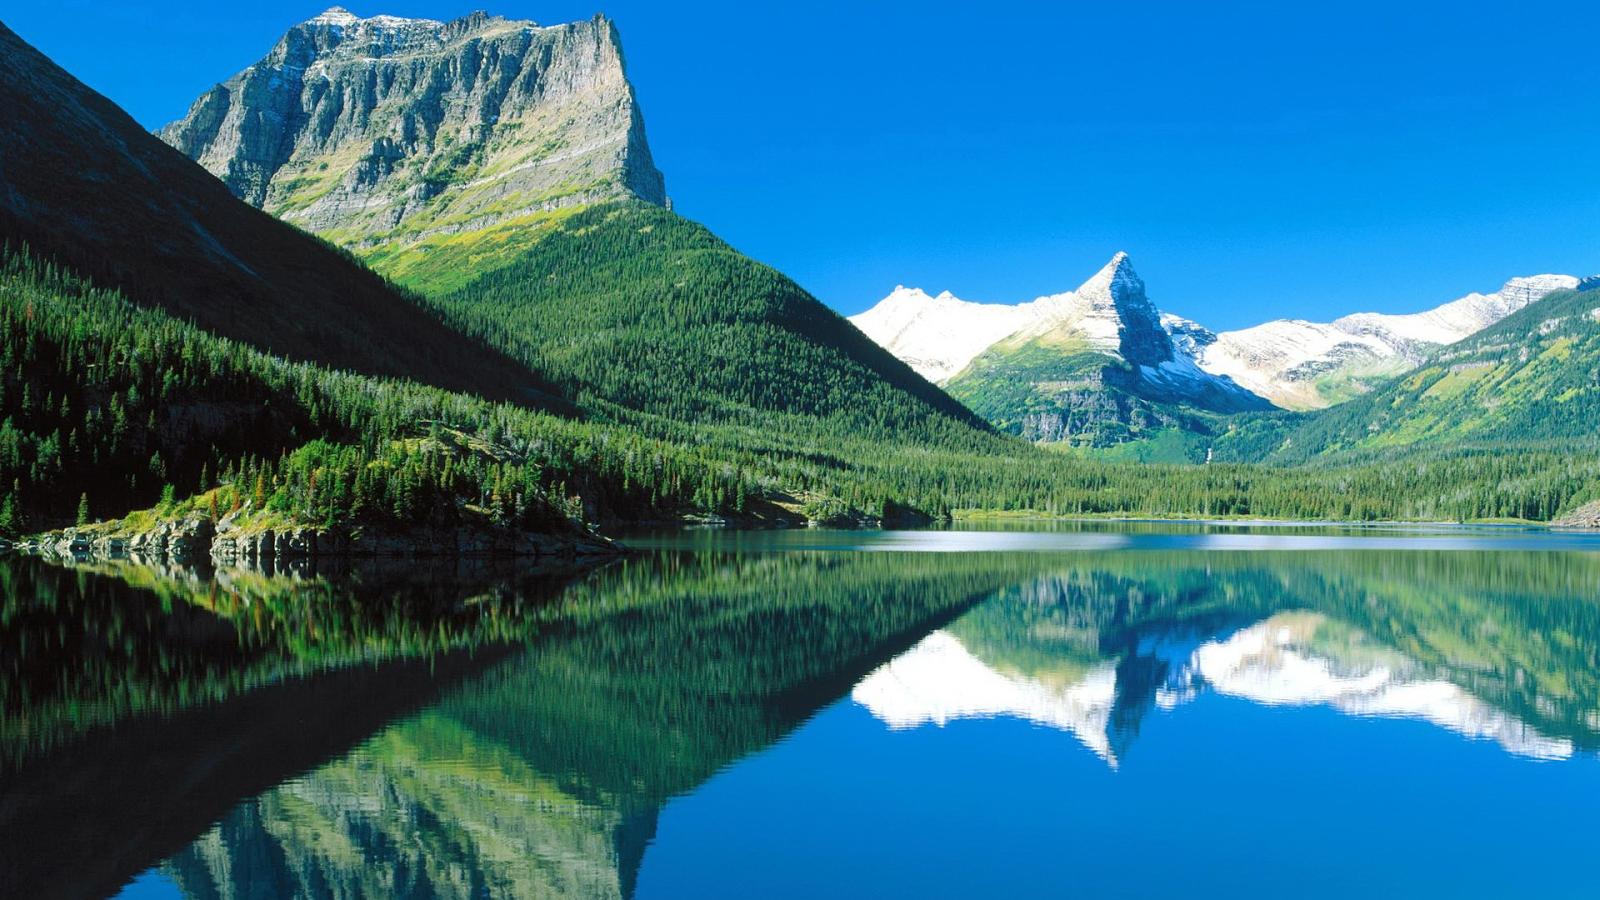 Top 100 Hình nền máy tính phong cảnh thiên nhiên đẹp nhất